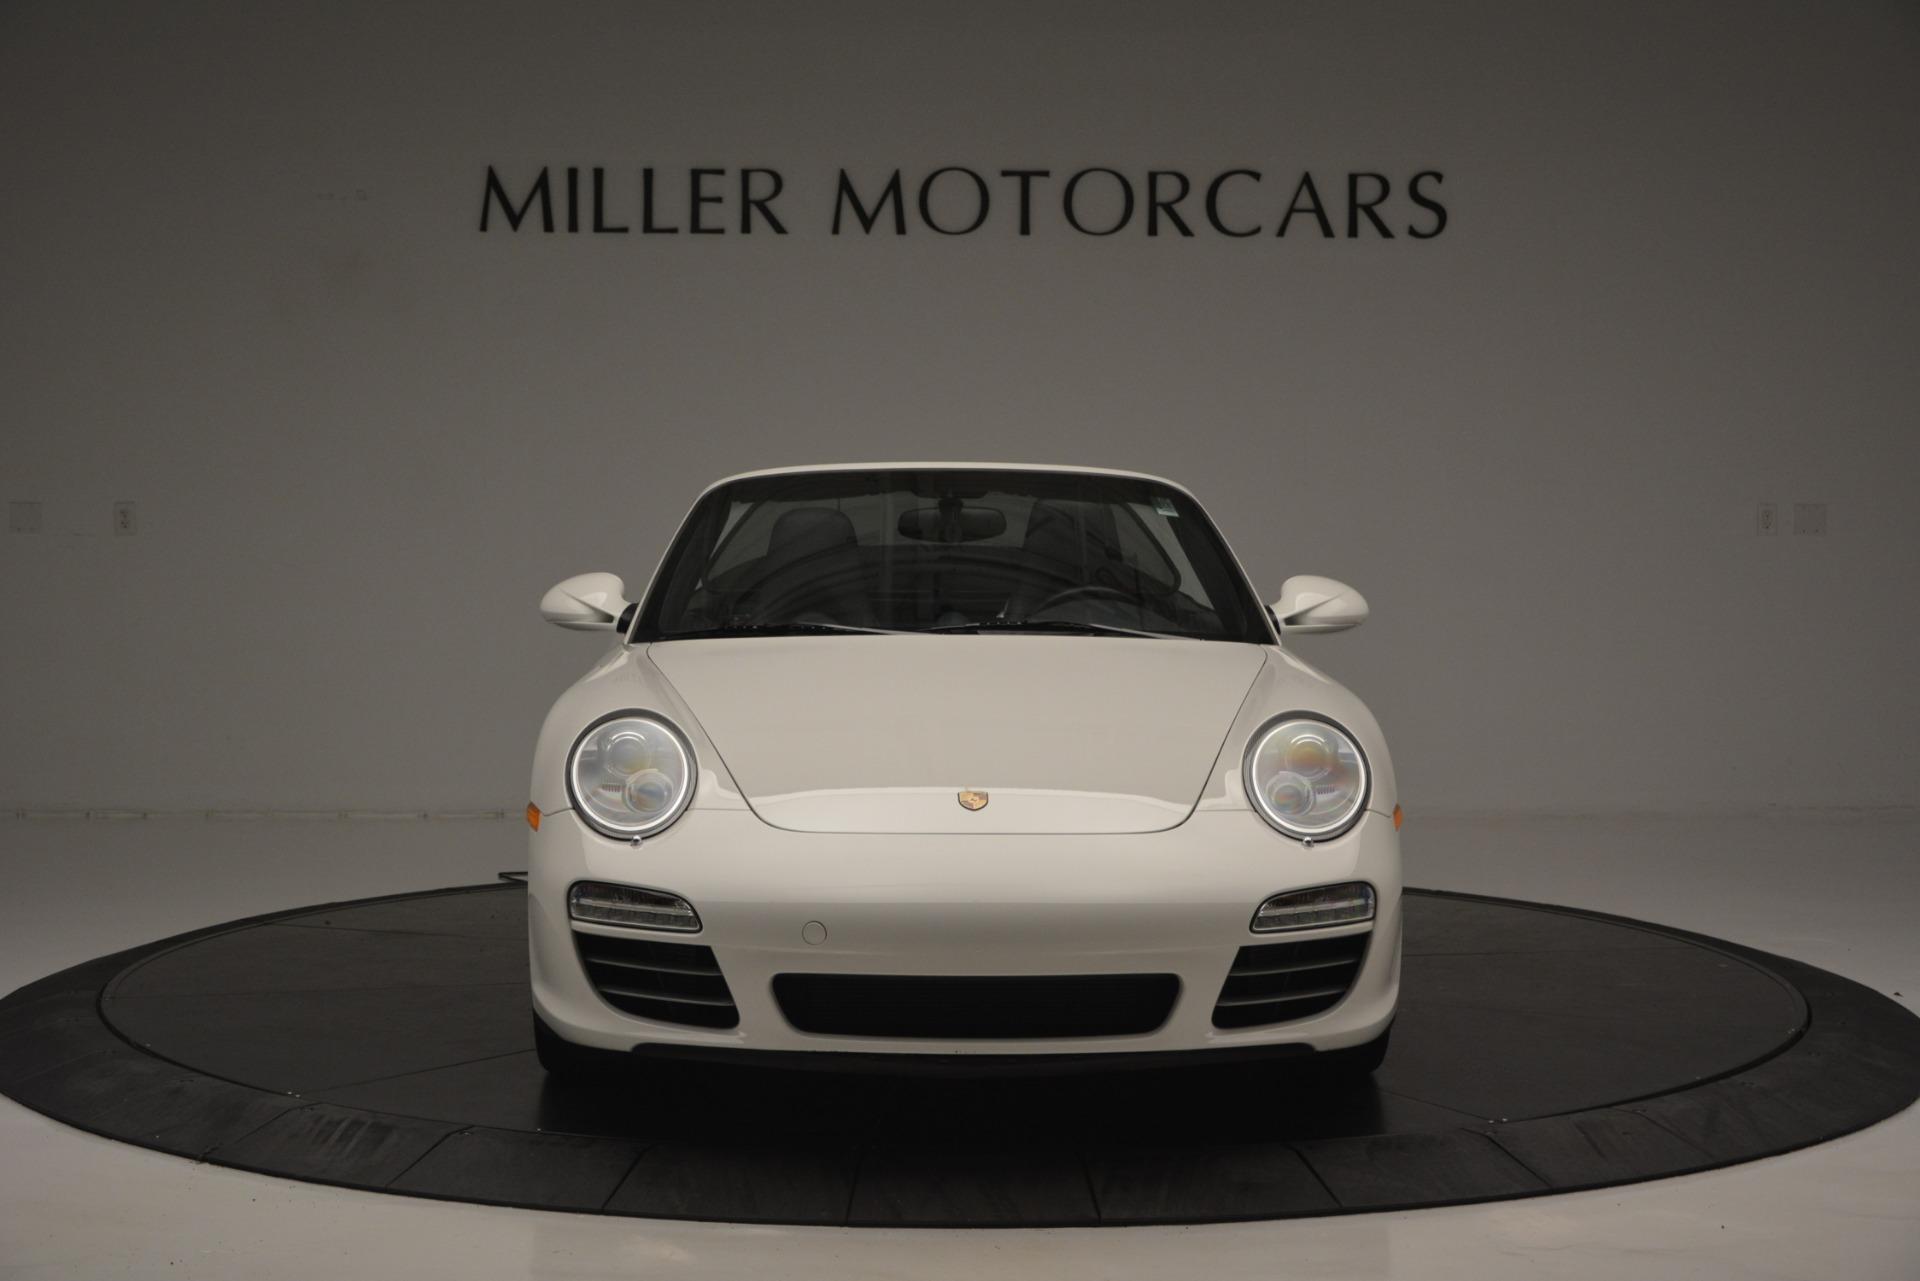 Used 2011 Porsche 911 Carrera 4S For Sale In Greenwich, CT 2600_p7